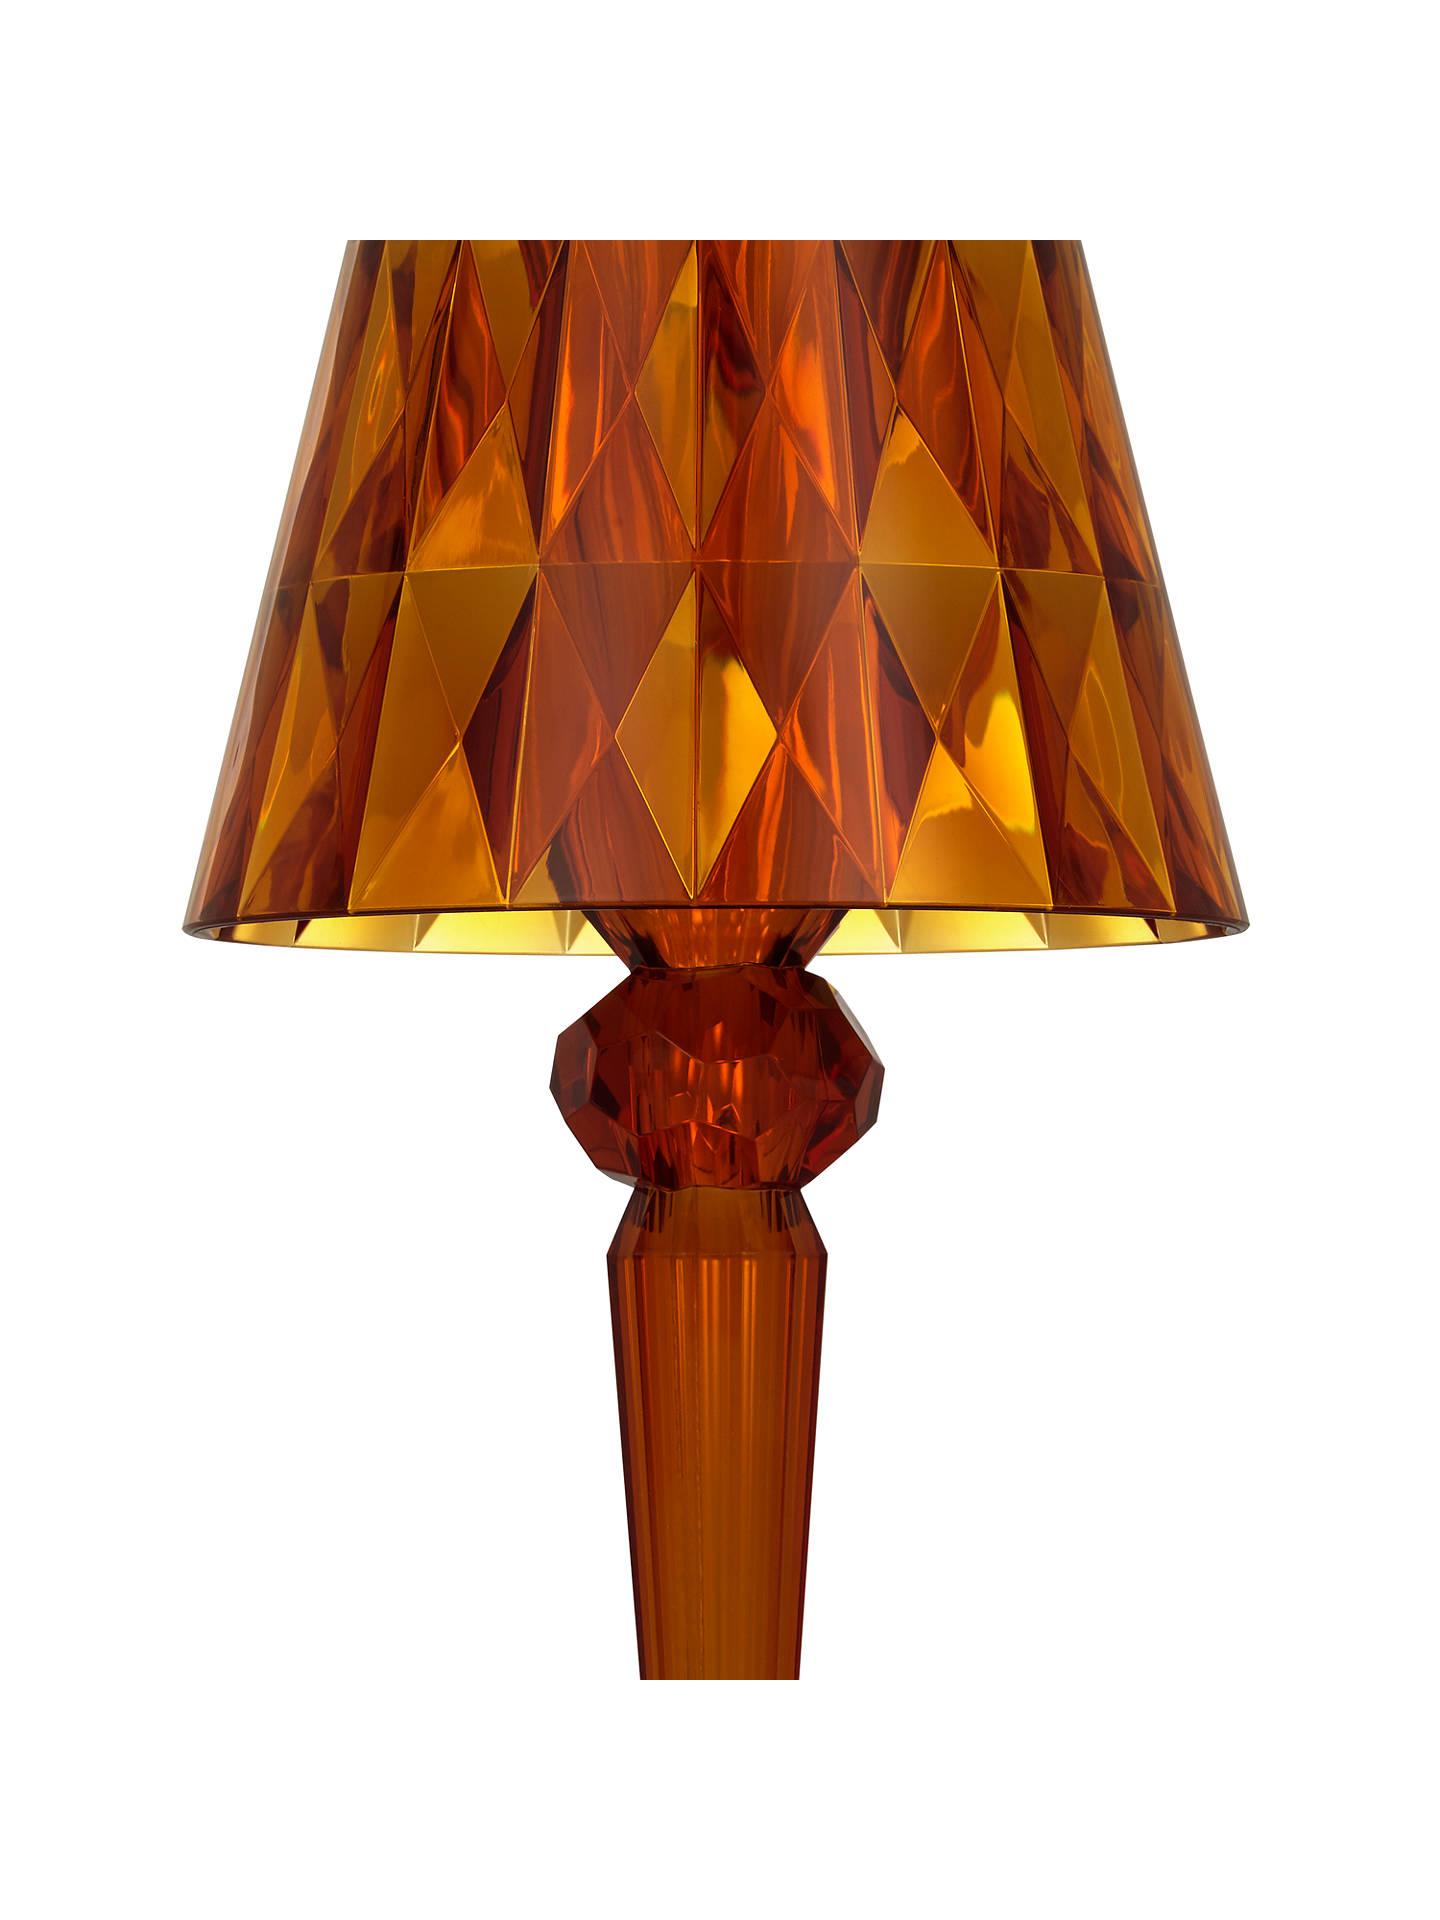 Buy kartell battery table lamp amber online at johnlewis com